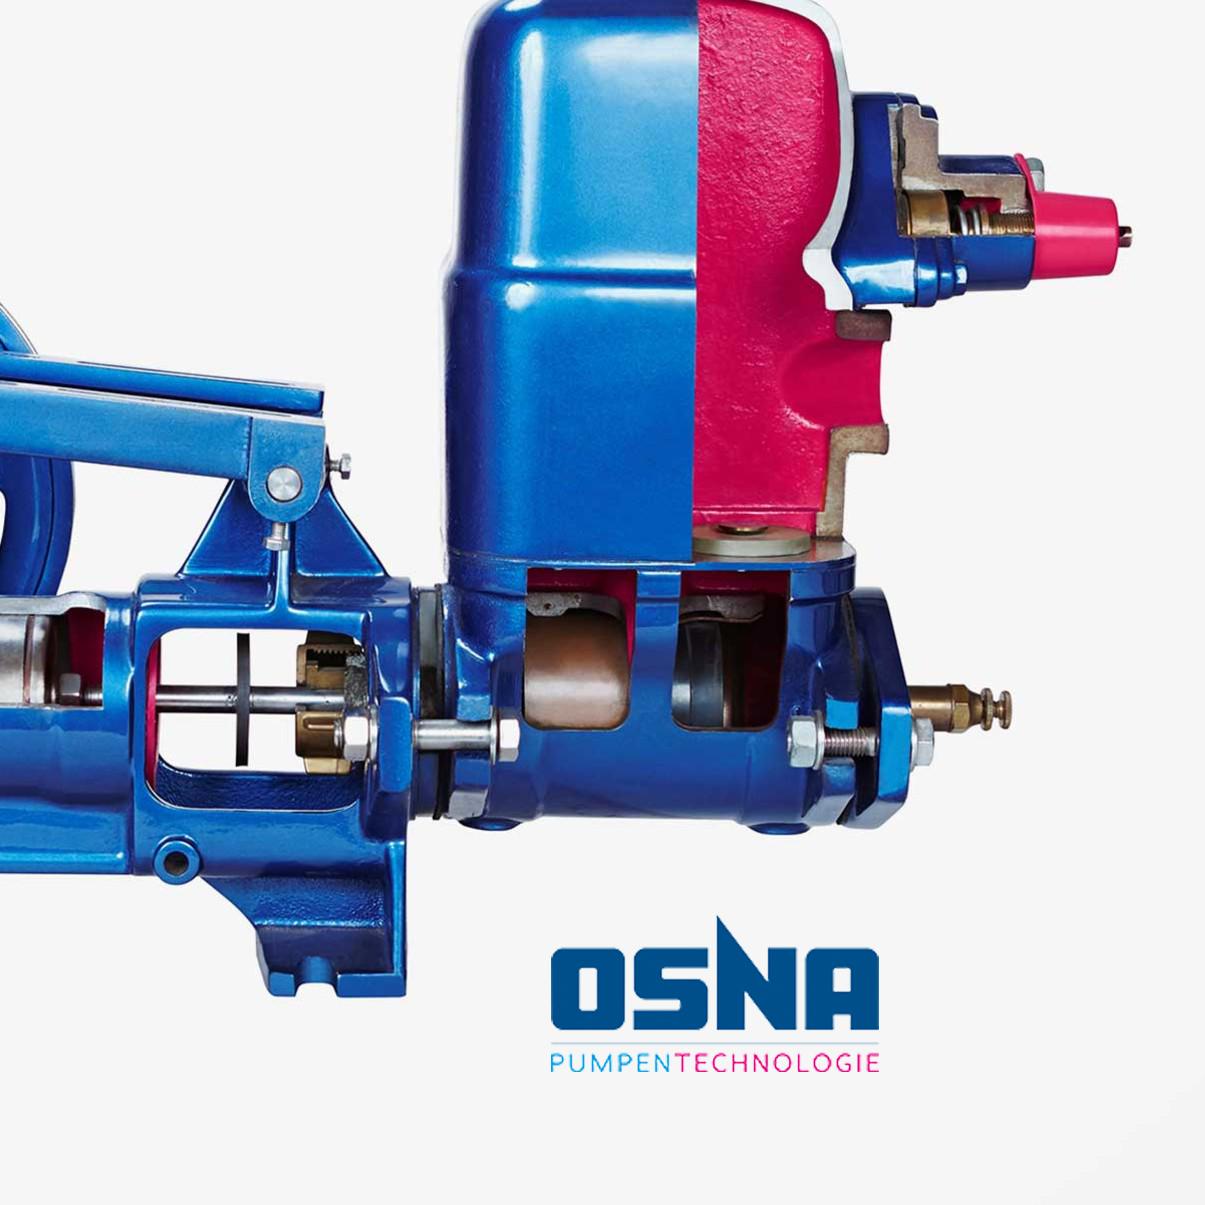 csm_OSNA-Pumpen-Kolbenpumpe-Slider_a765e9634f